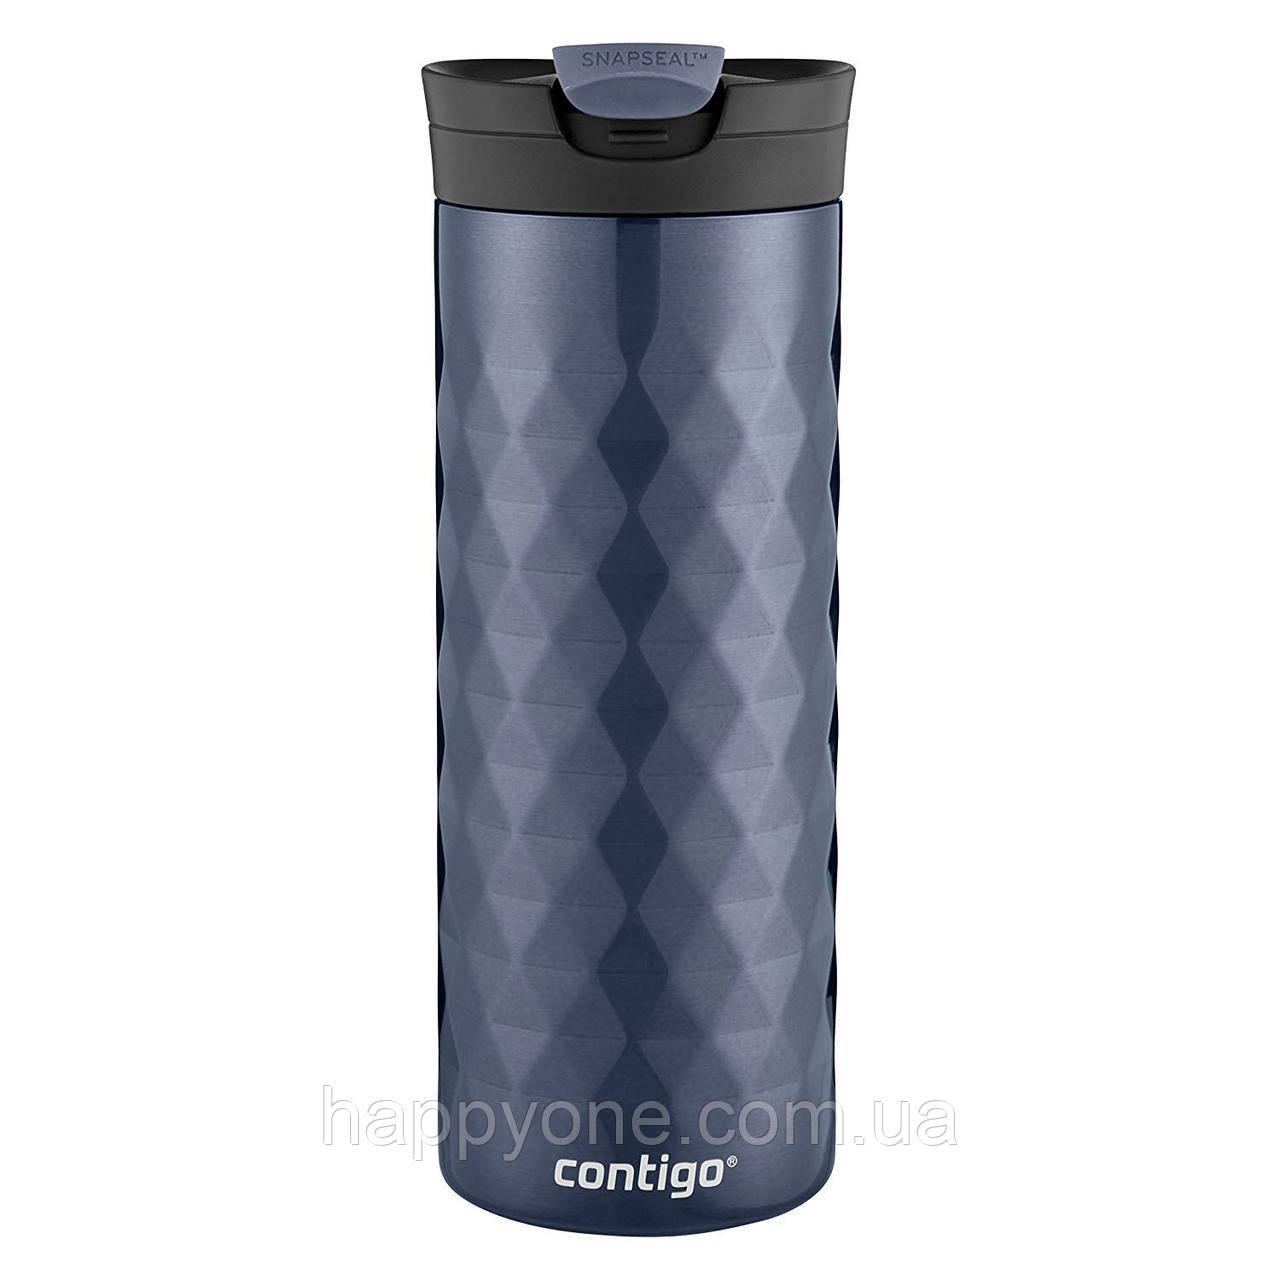 Термокружка Contigo SnapSeal Kenton (590 мл) Serenity